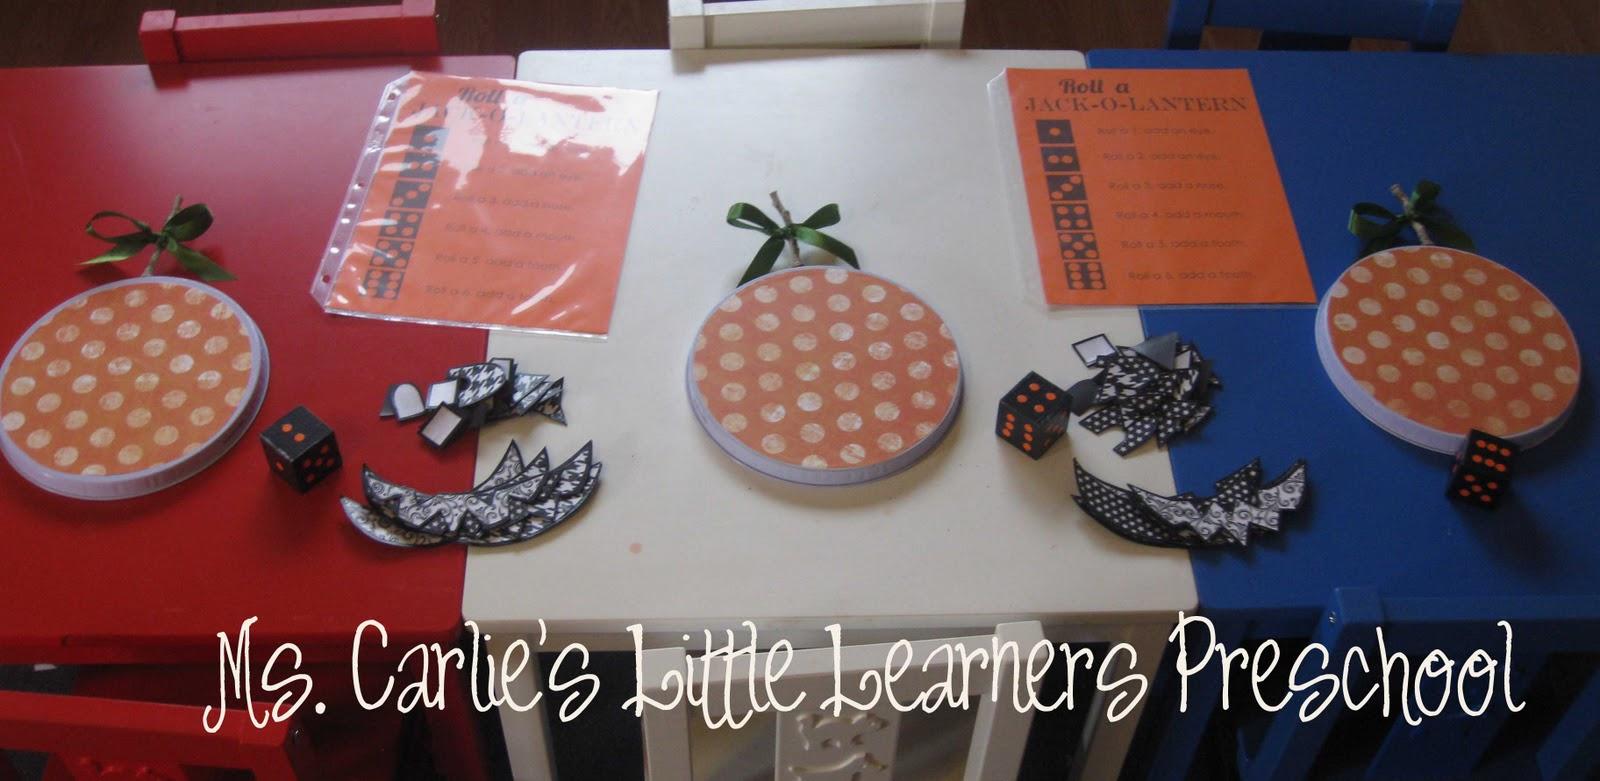 Ms Carlie S Little Learners Preschool Halloween Activity Roll A Jack O Lantern